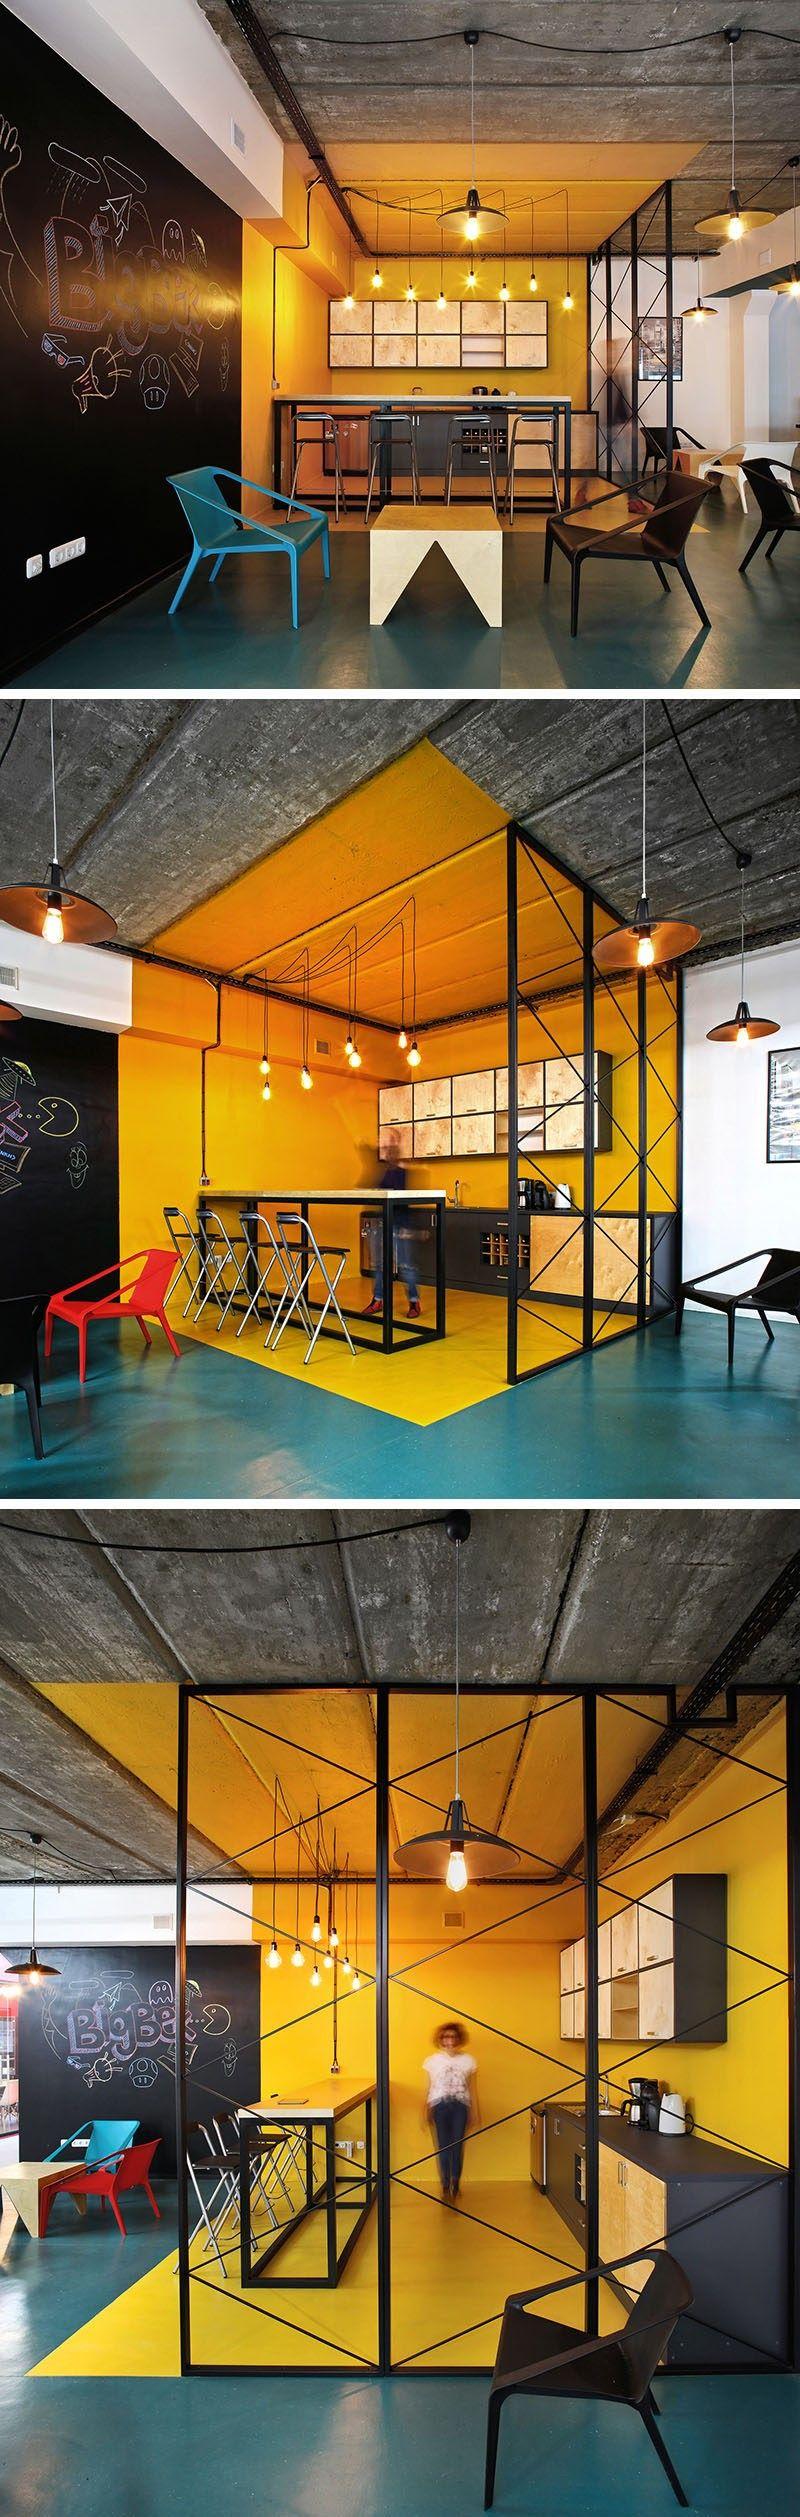 Interior Design Idee Farbe zu definieren eine Nutzfläche / / In ...